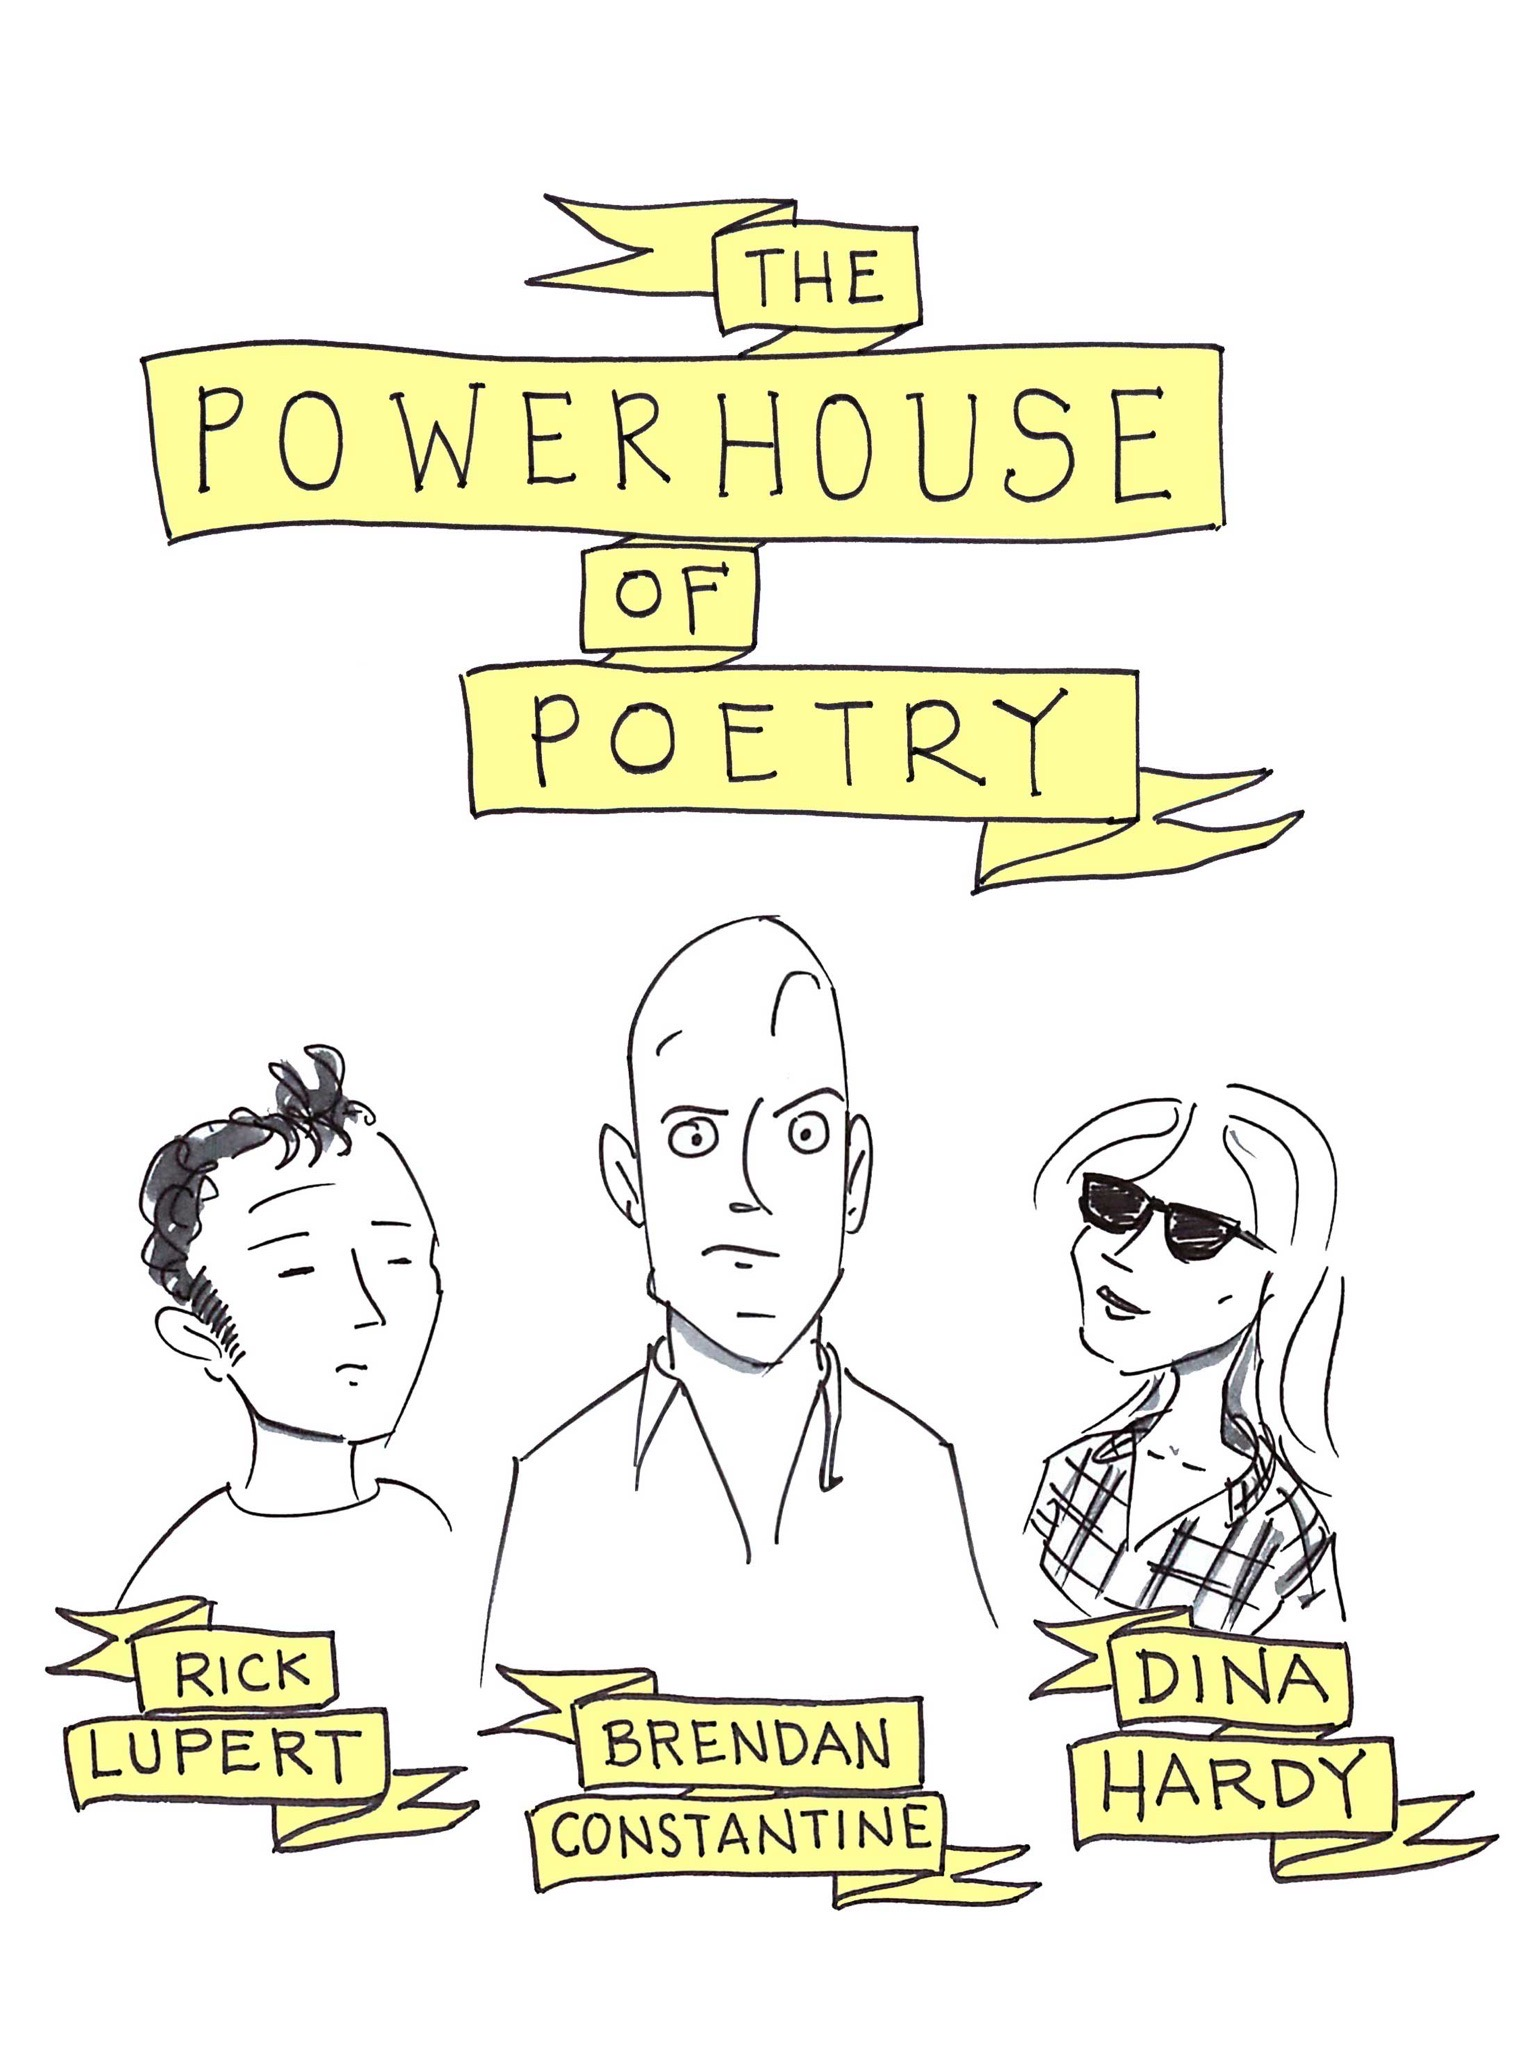 powerhouse of poetry.jpg